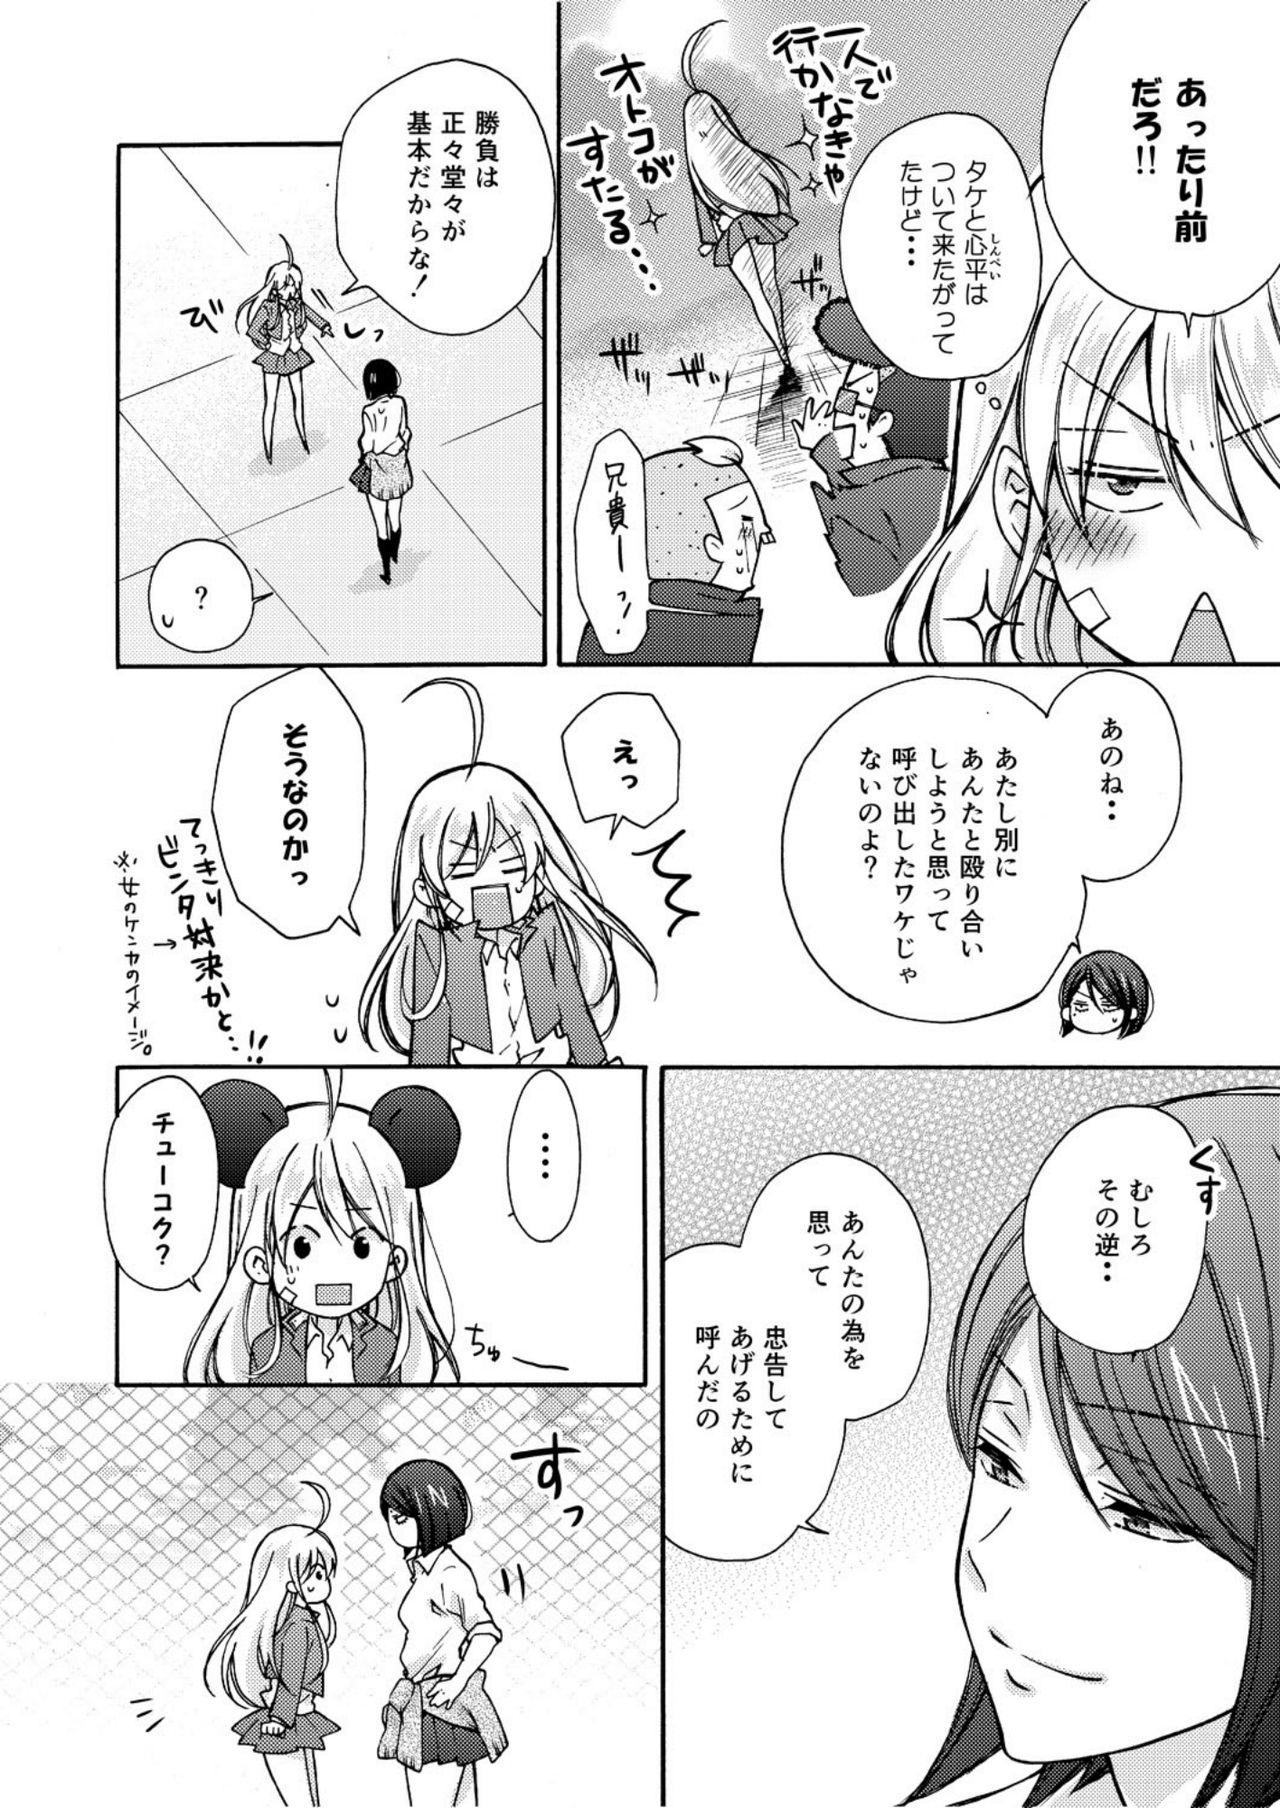 Nyotaika Yankee Gakuen ☆ Ore no Hajimete, Nerawaretemasu. 5 6